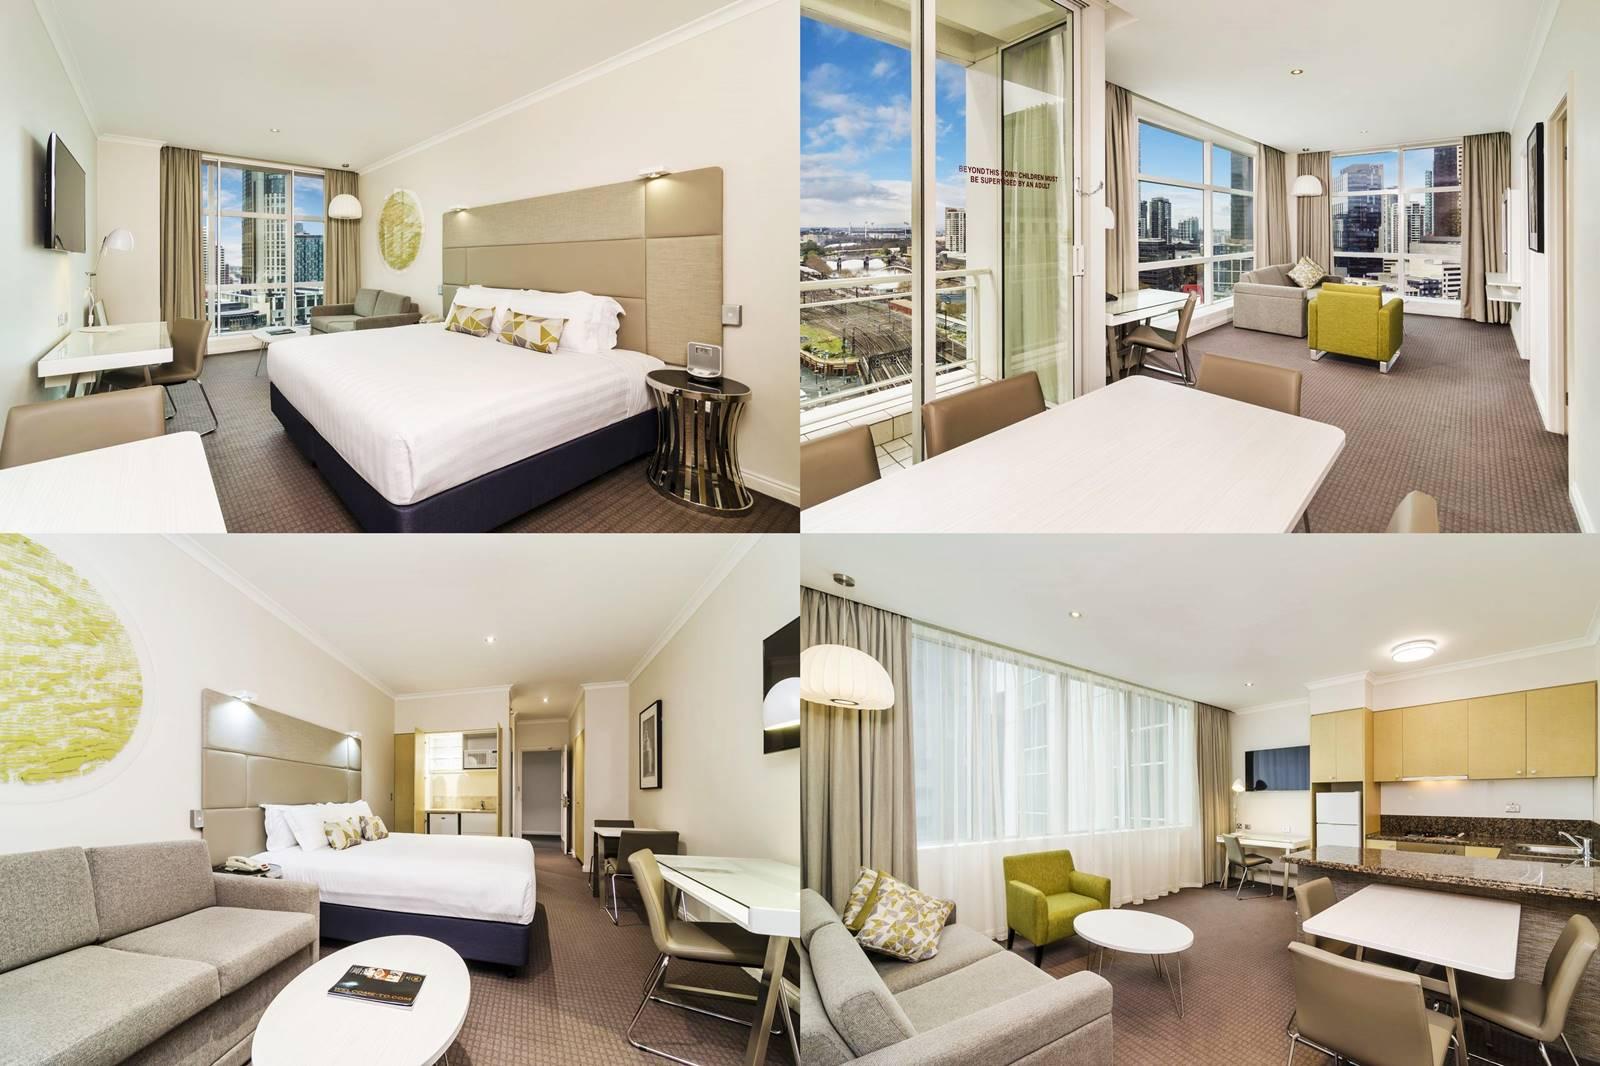 墨爾本-住宿-推薦-墨爾本飯店-墨爾本酒店-墨爾本公寓-墨爾本民宿-墨爾本旅館-墨爾本酒店-必住-Melbourne-Hotel-克萊倫套房酒店-Clarion Suites Gateway